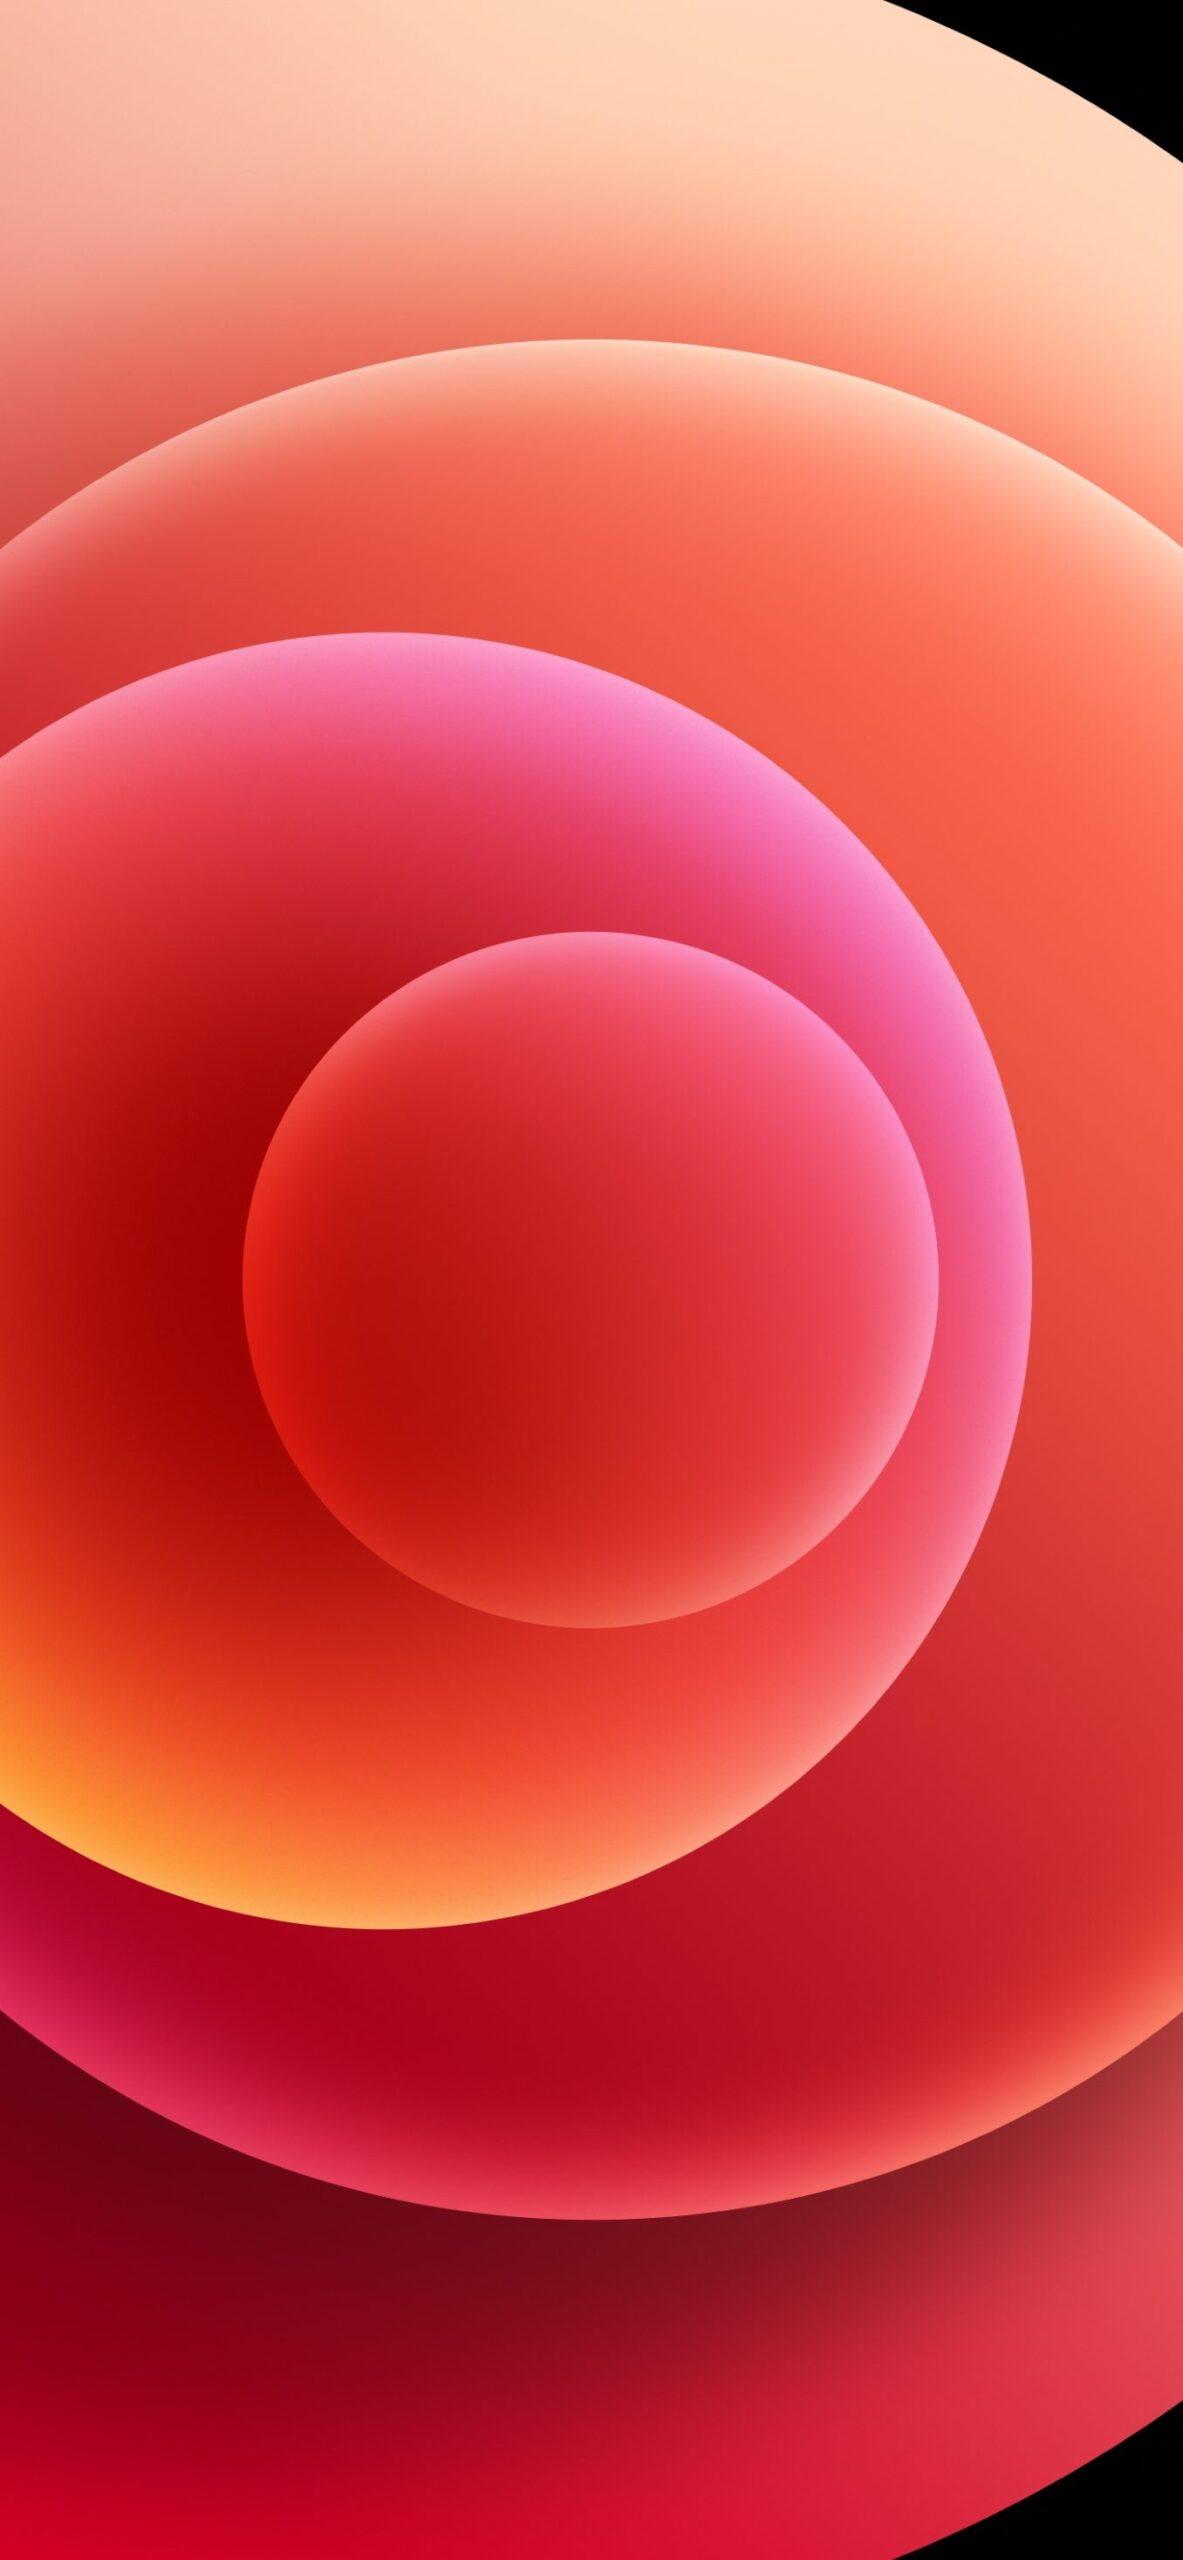 Sforum - Trang thông tin công nghệ mới nhất Orbs-Red-Light-scaled Mời tải trọn bộ hình nền đầy màu sắc của loạt iPhone 12 mới ra mắt